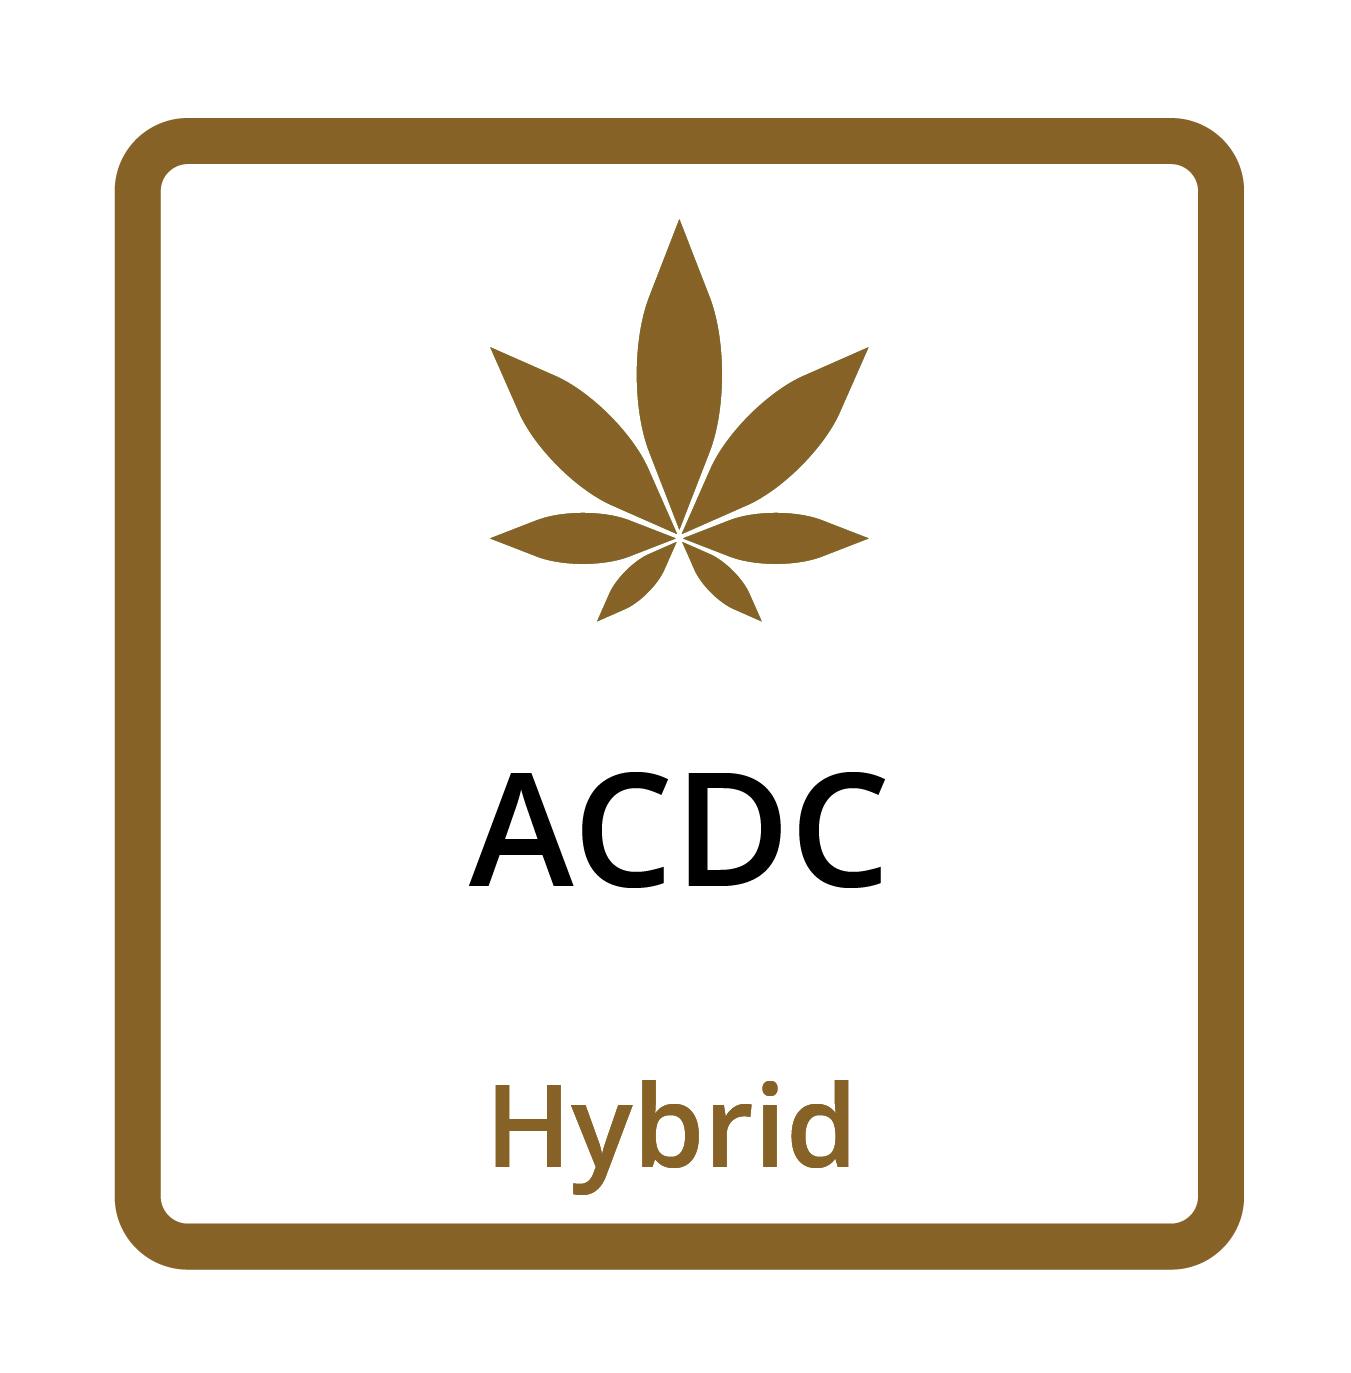 ACDC (Hybrid)